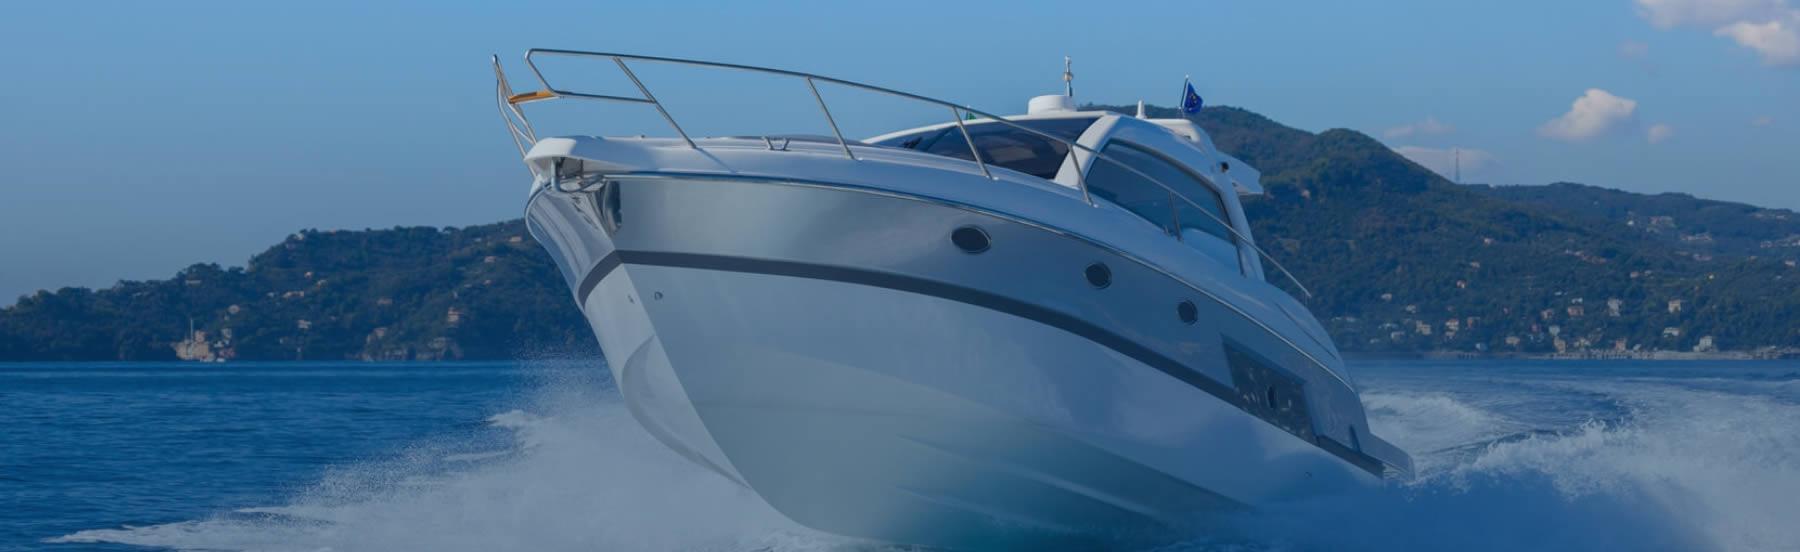 Vendita barche a motore sacsmarine sacs s870 gm for Compromesso di vendita